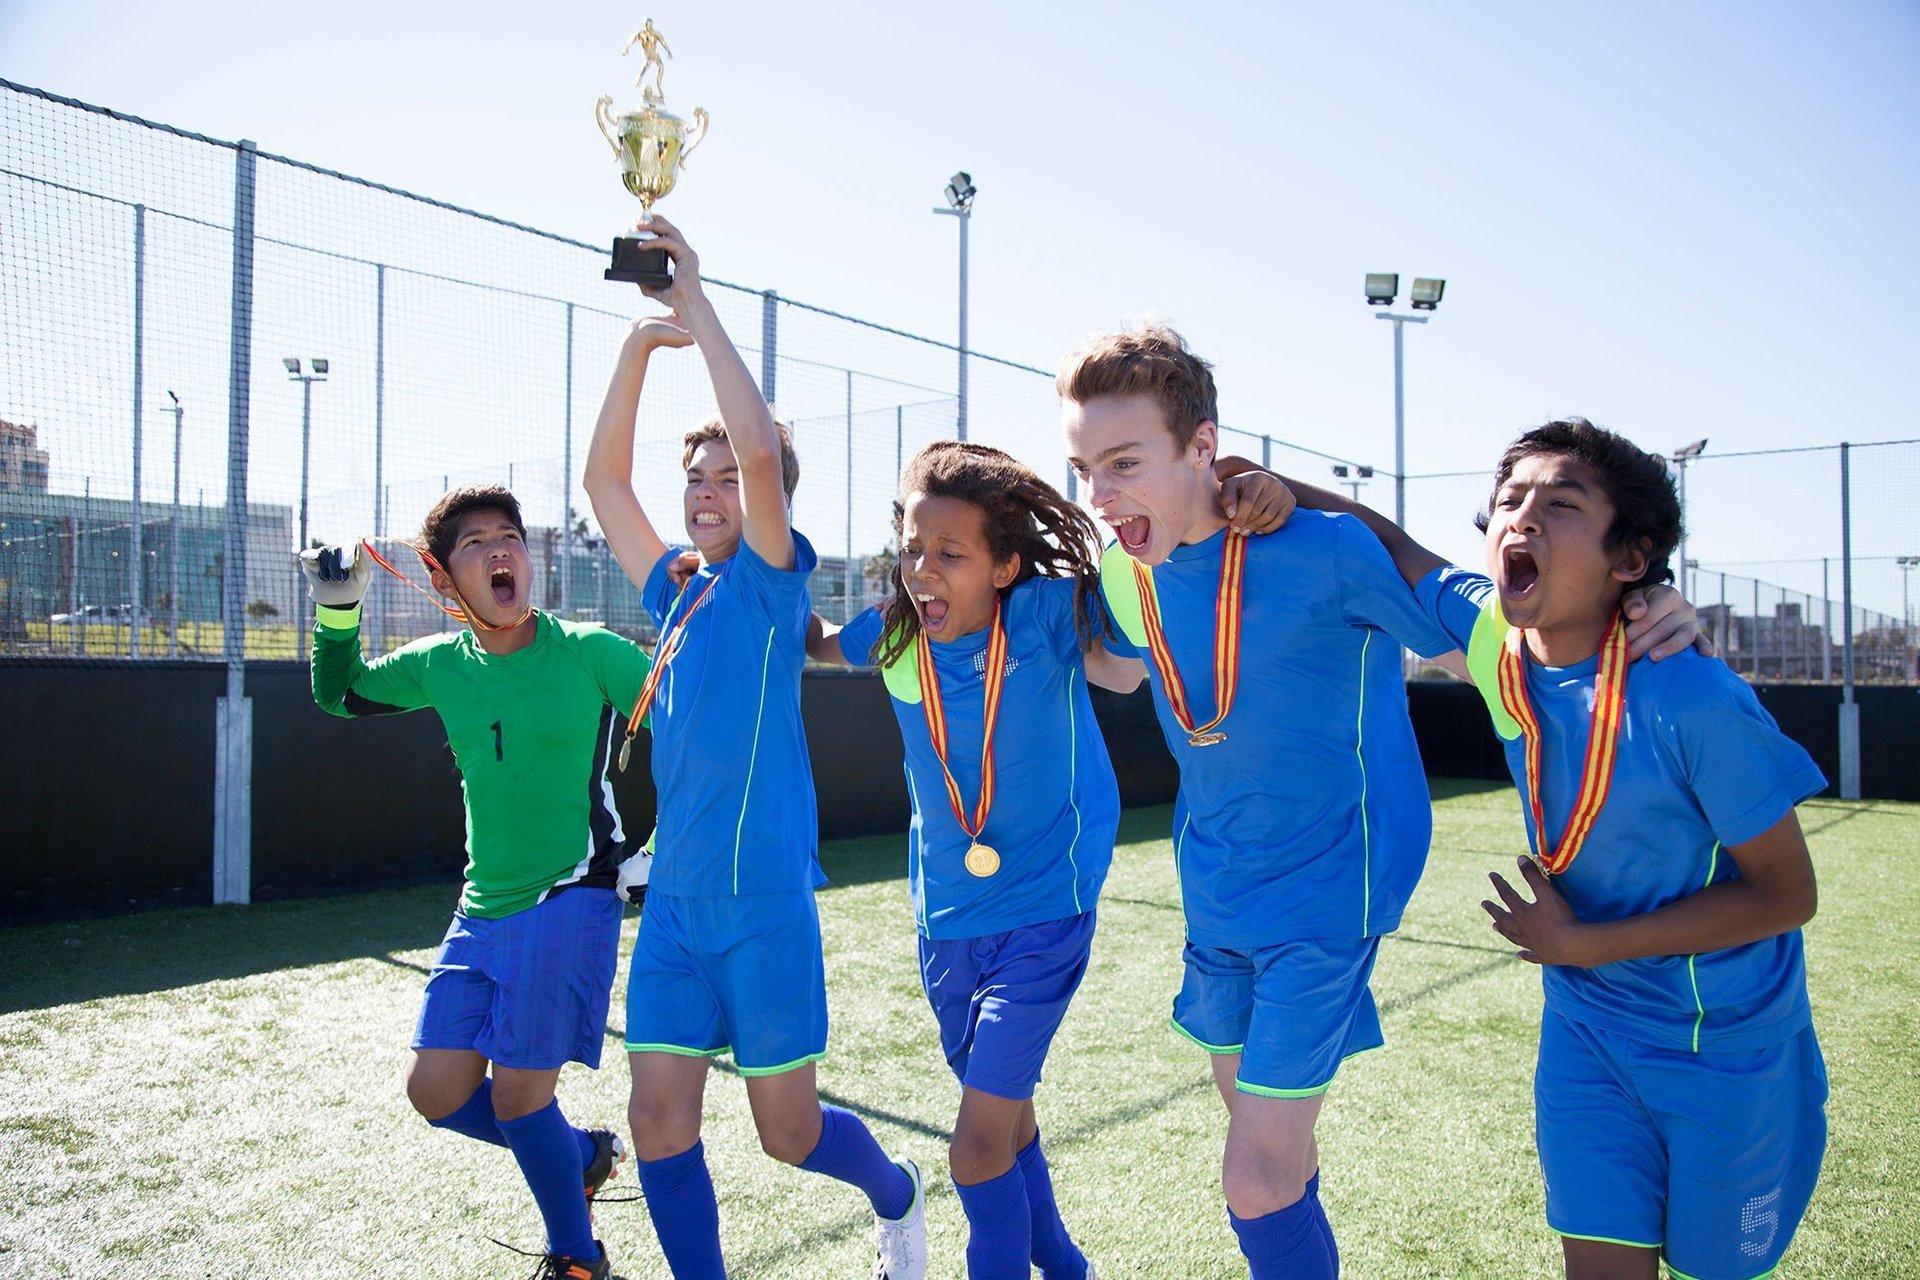 foot ball team